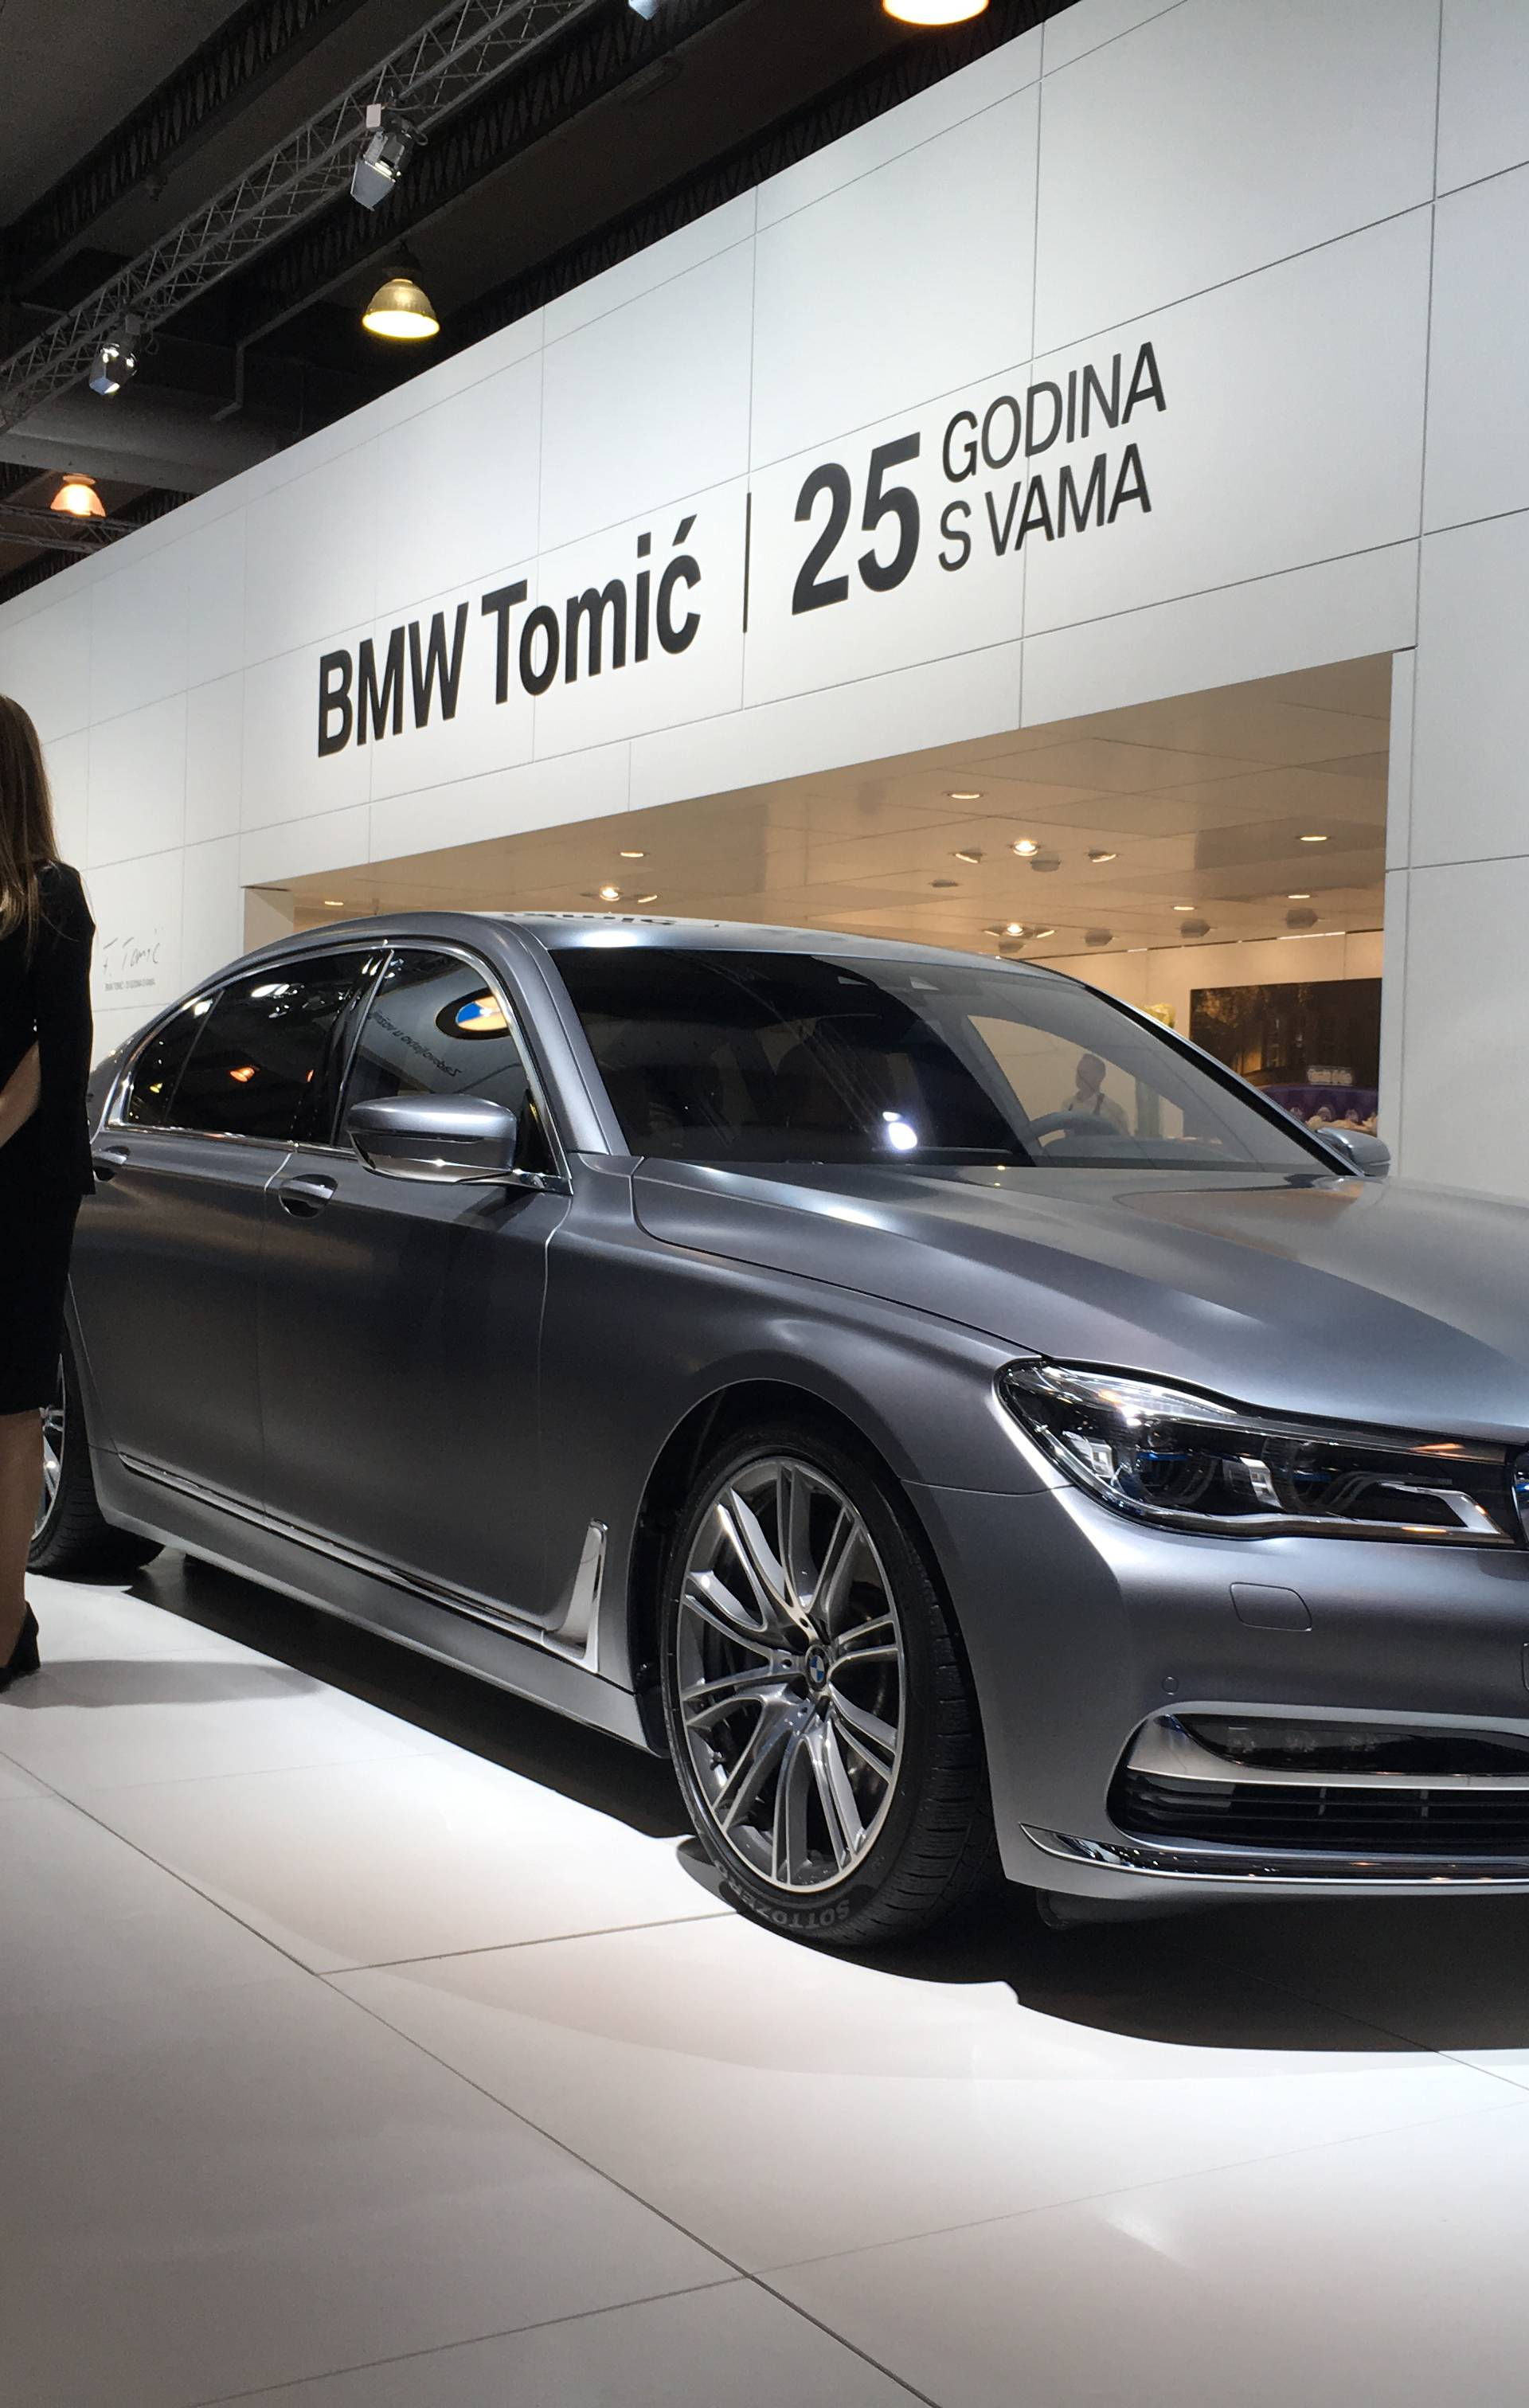 BMW od 2,2 milijuna kn jedan od najskupljih na Auto Showu